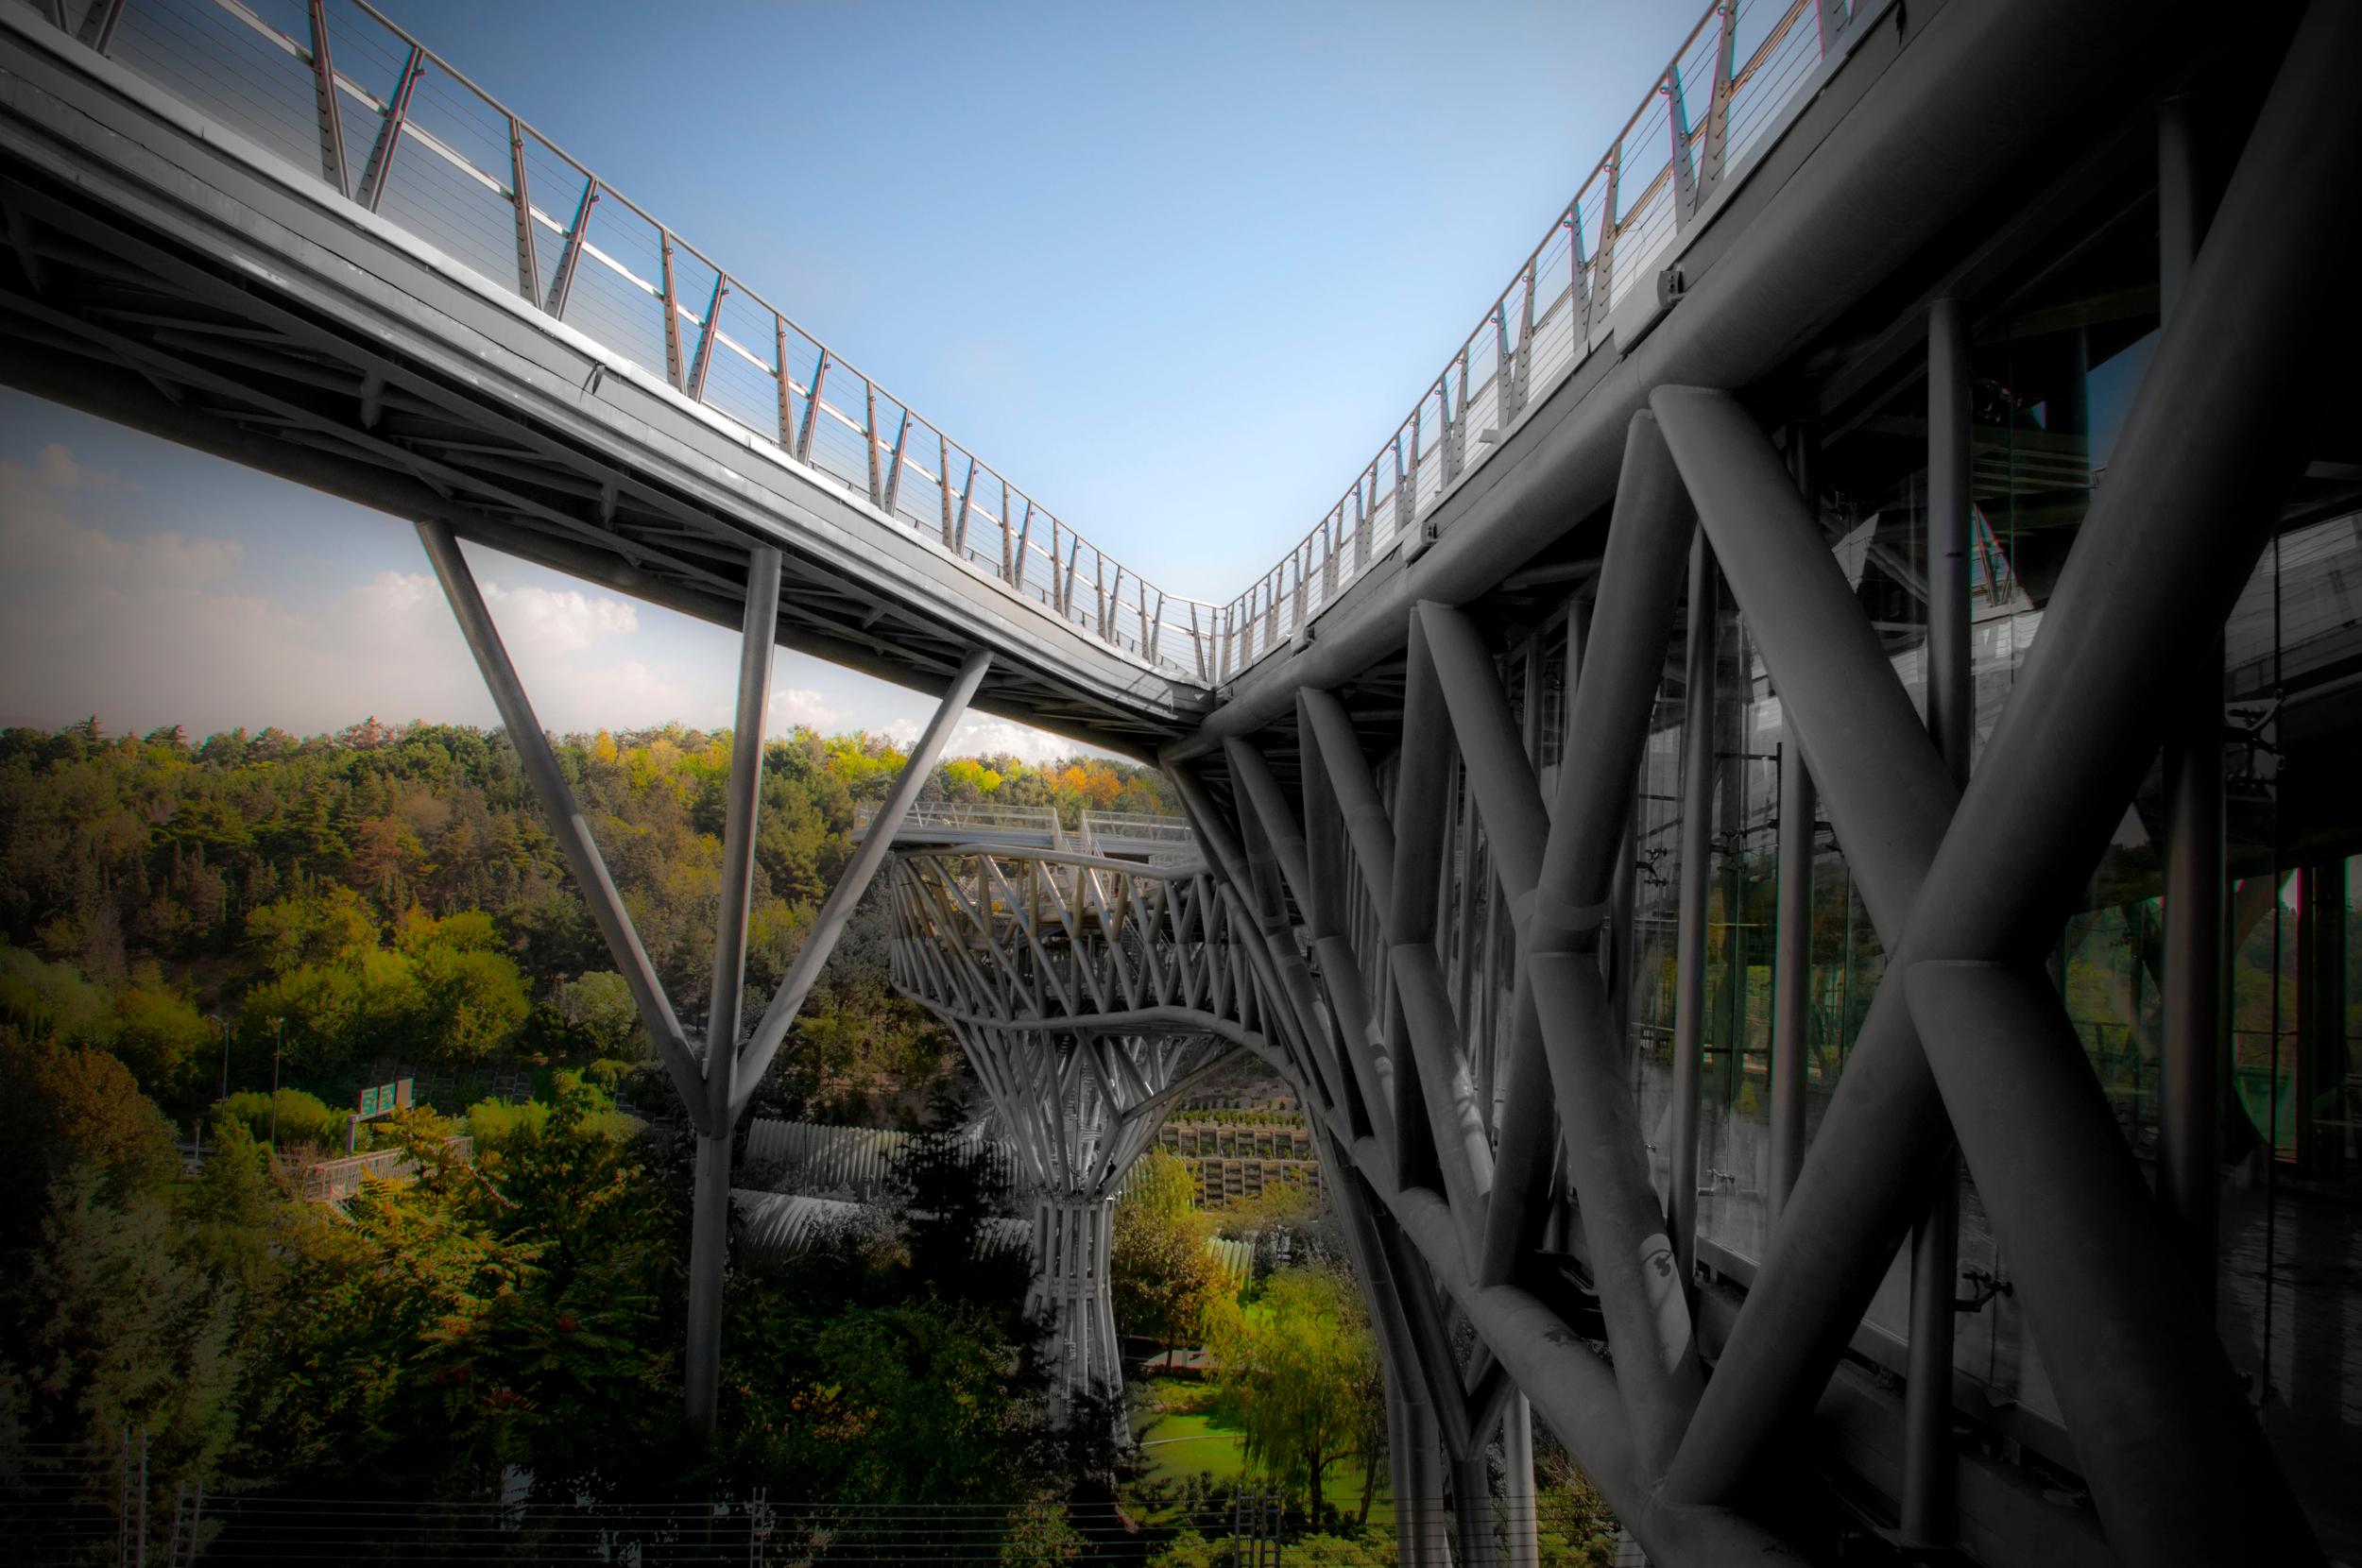 Tabiat_Bridge_by_Leila_Araghian_Photo_by_Sina_Ahmadi__1_